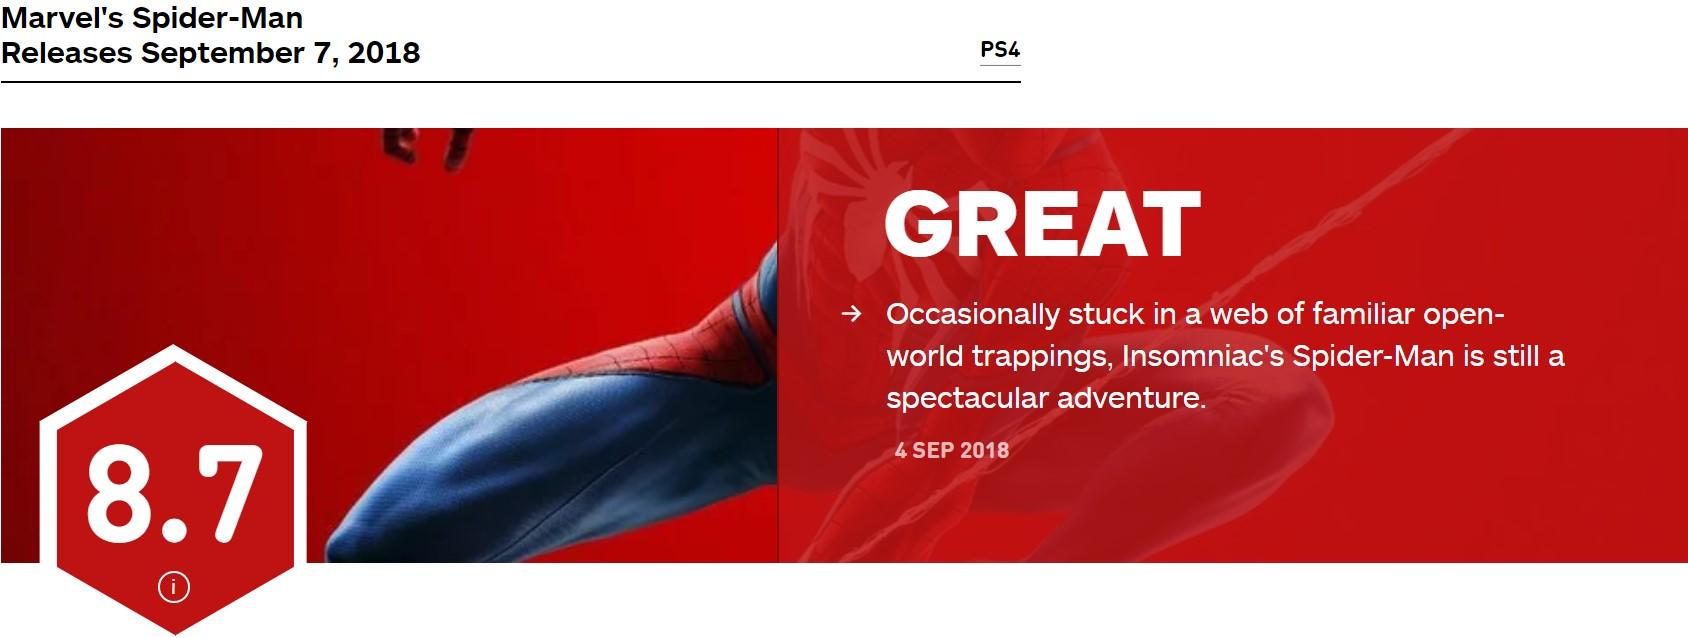 《蜘蛛侠》IGN 8.7分 每一步都有蜘蛛侠的感觉